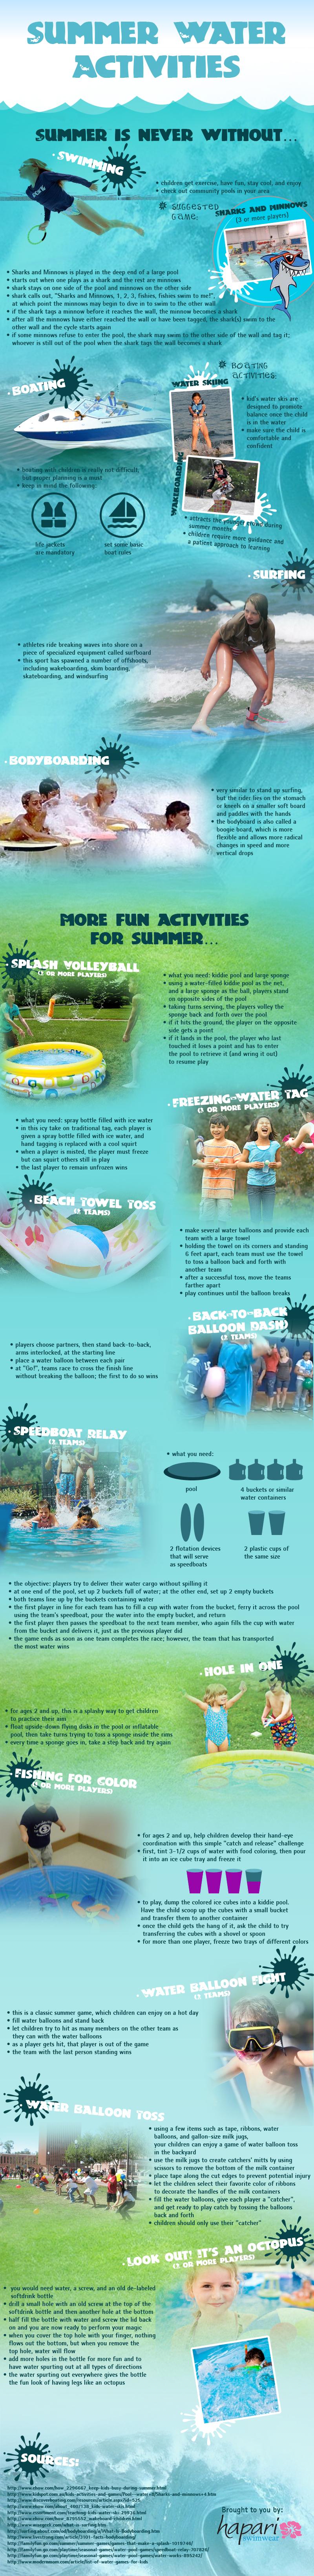 actividades acuáticas para verano